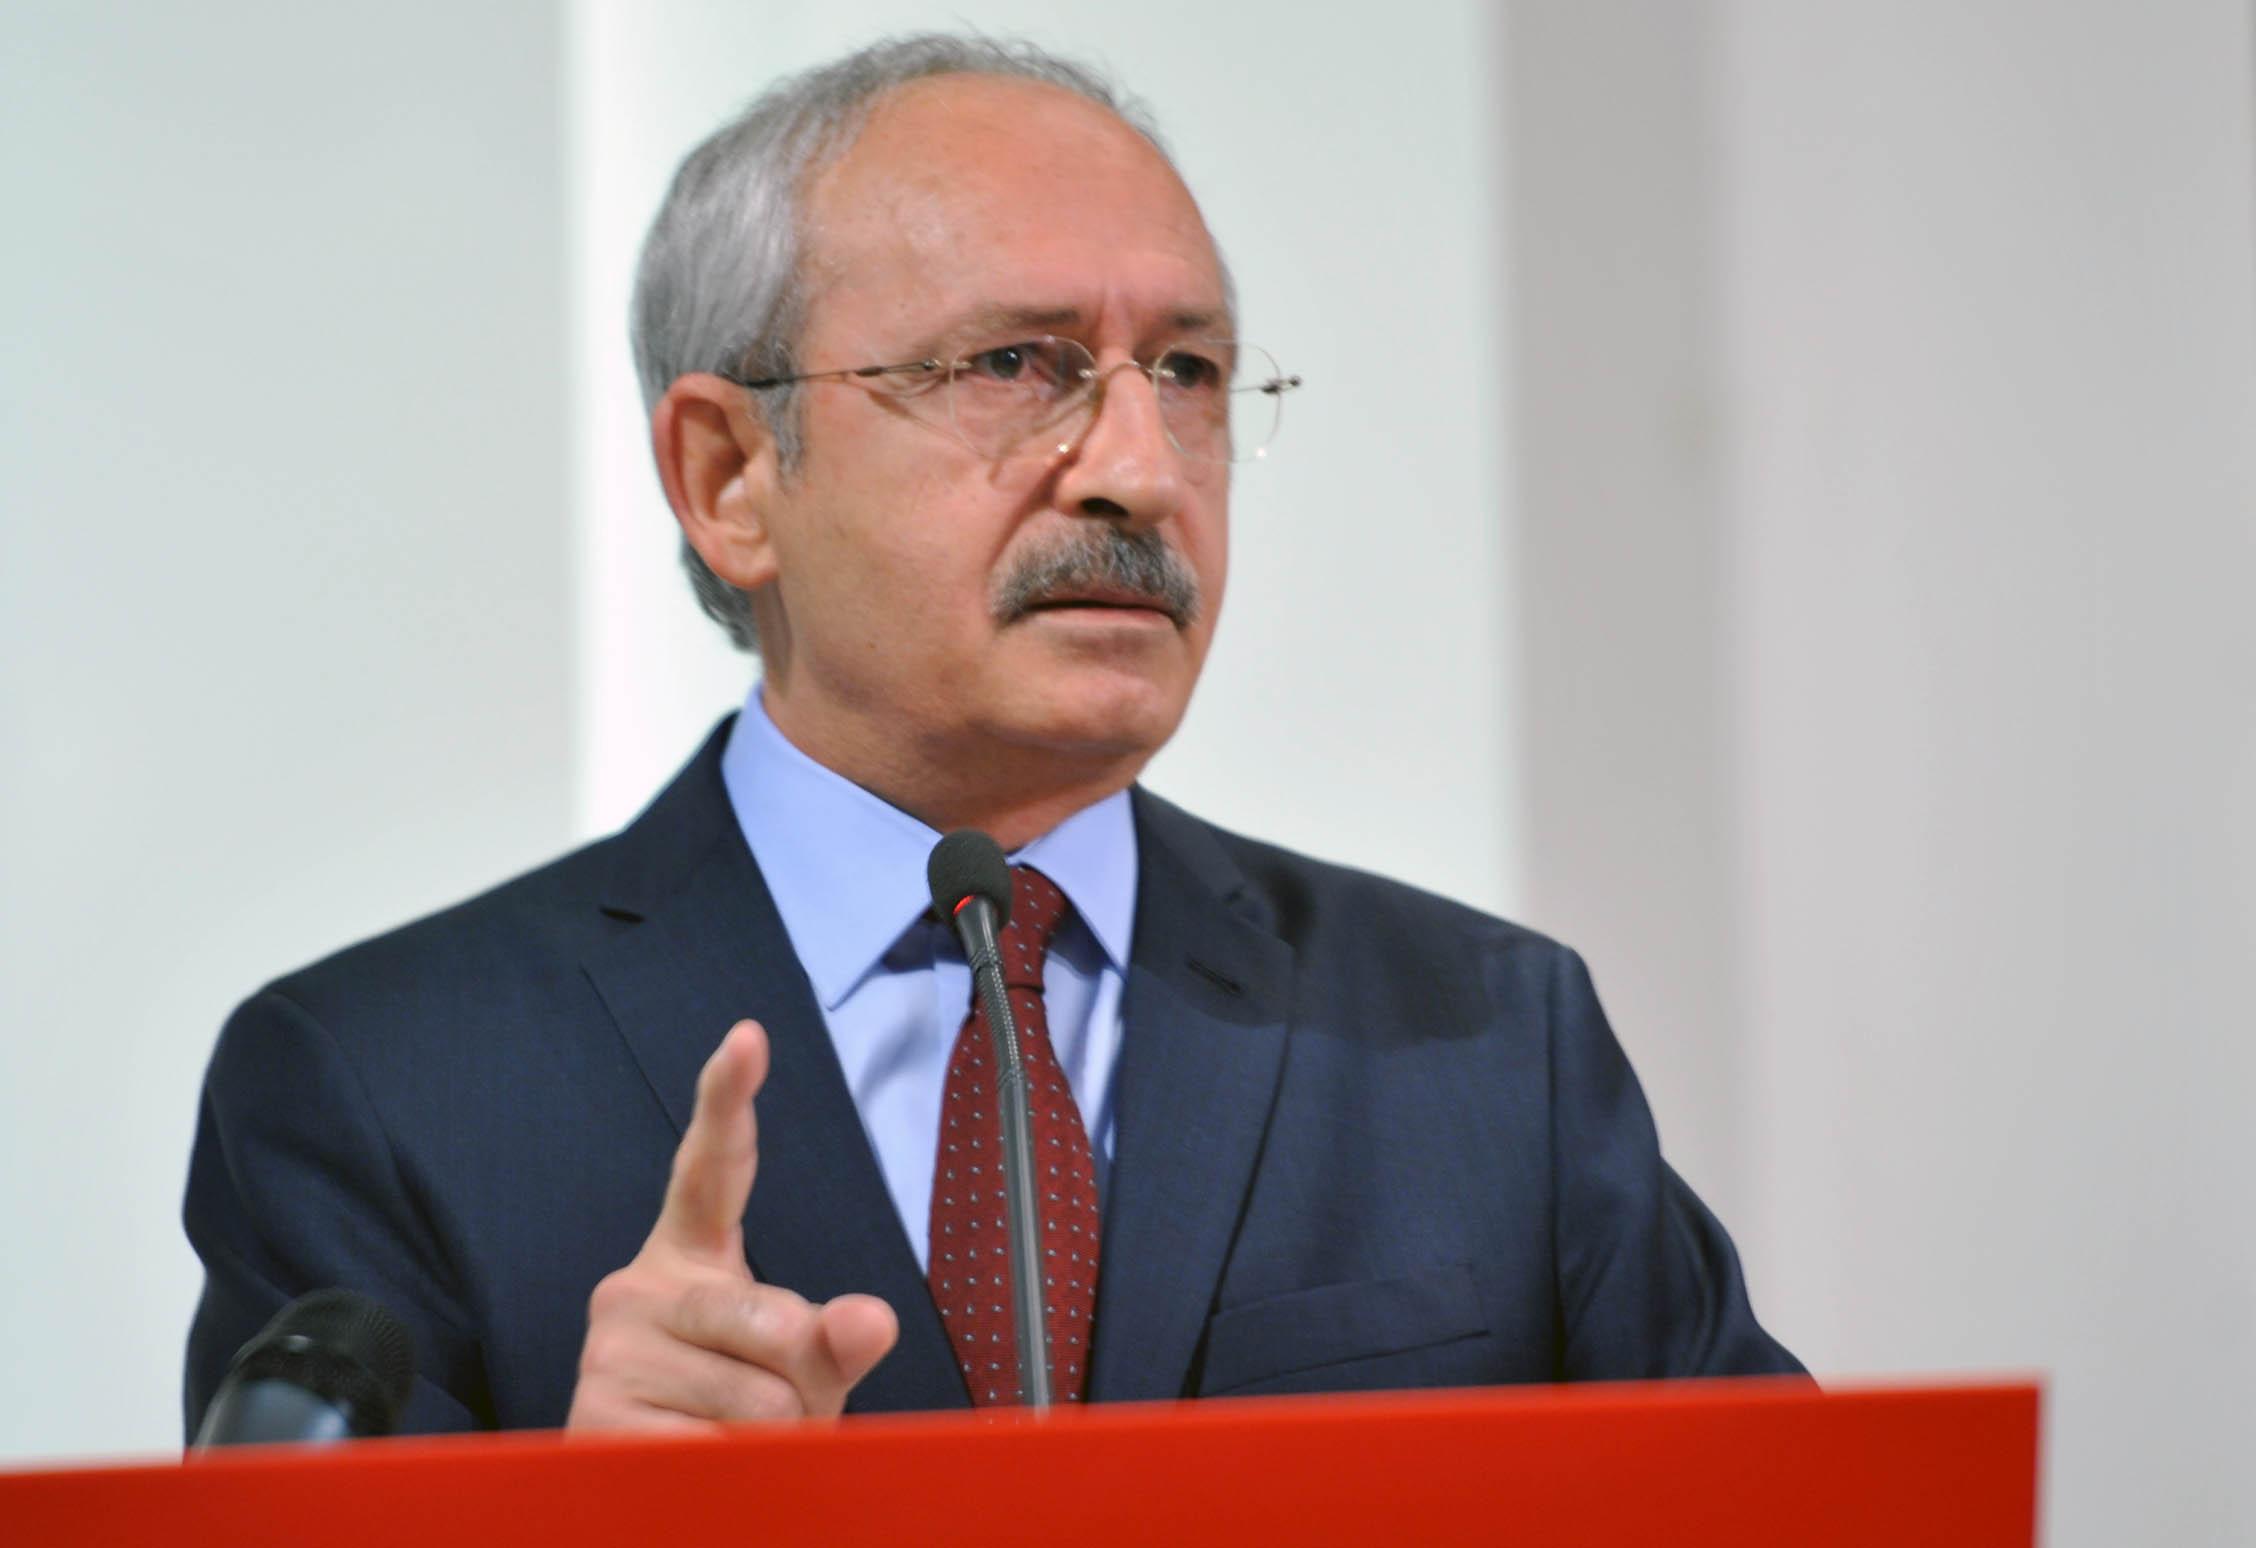 Kılıçdaroğlu'ndan ABD'ye 'Erdoğan' mesajı: Asla kabul etmiyoruz